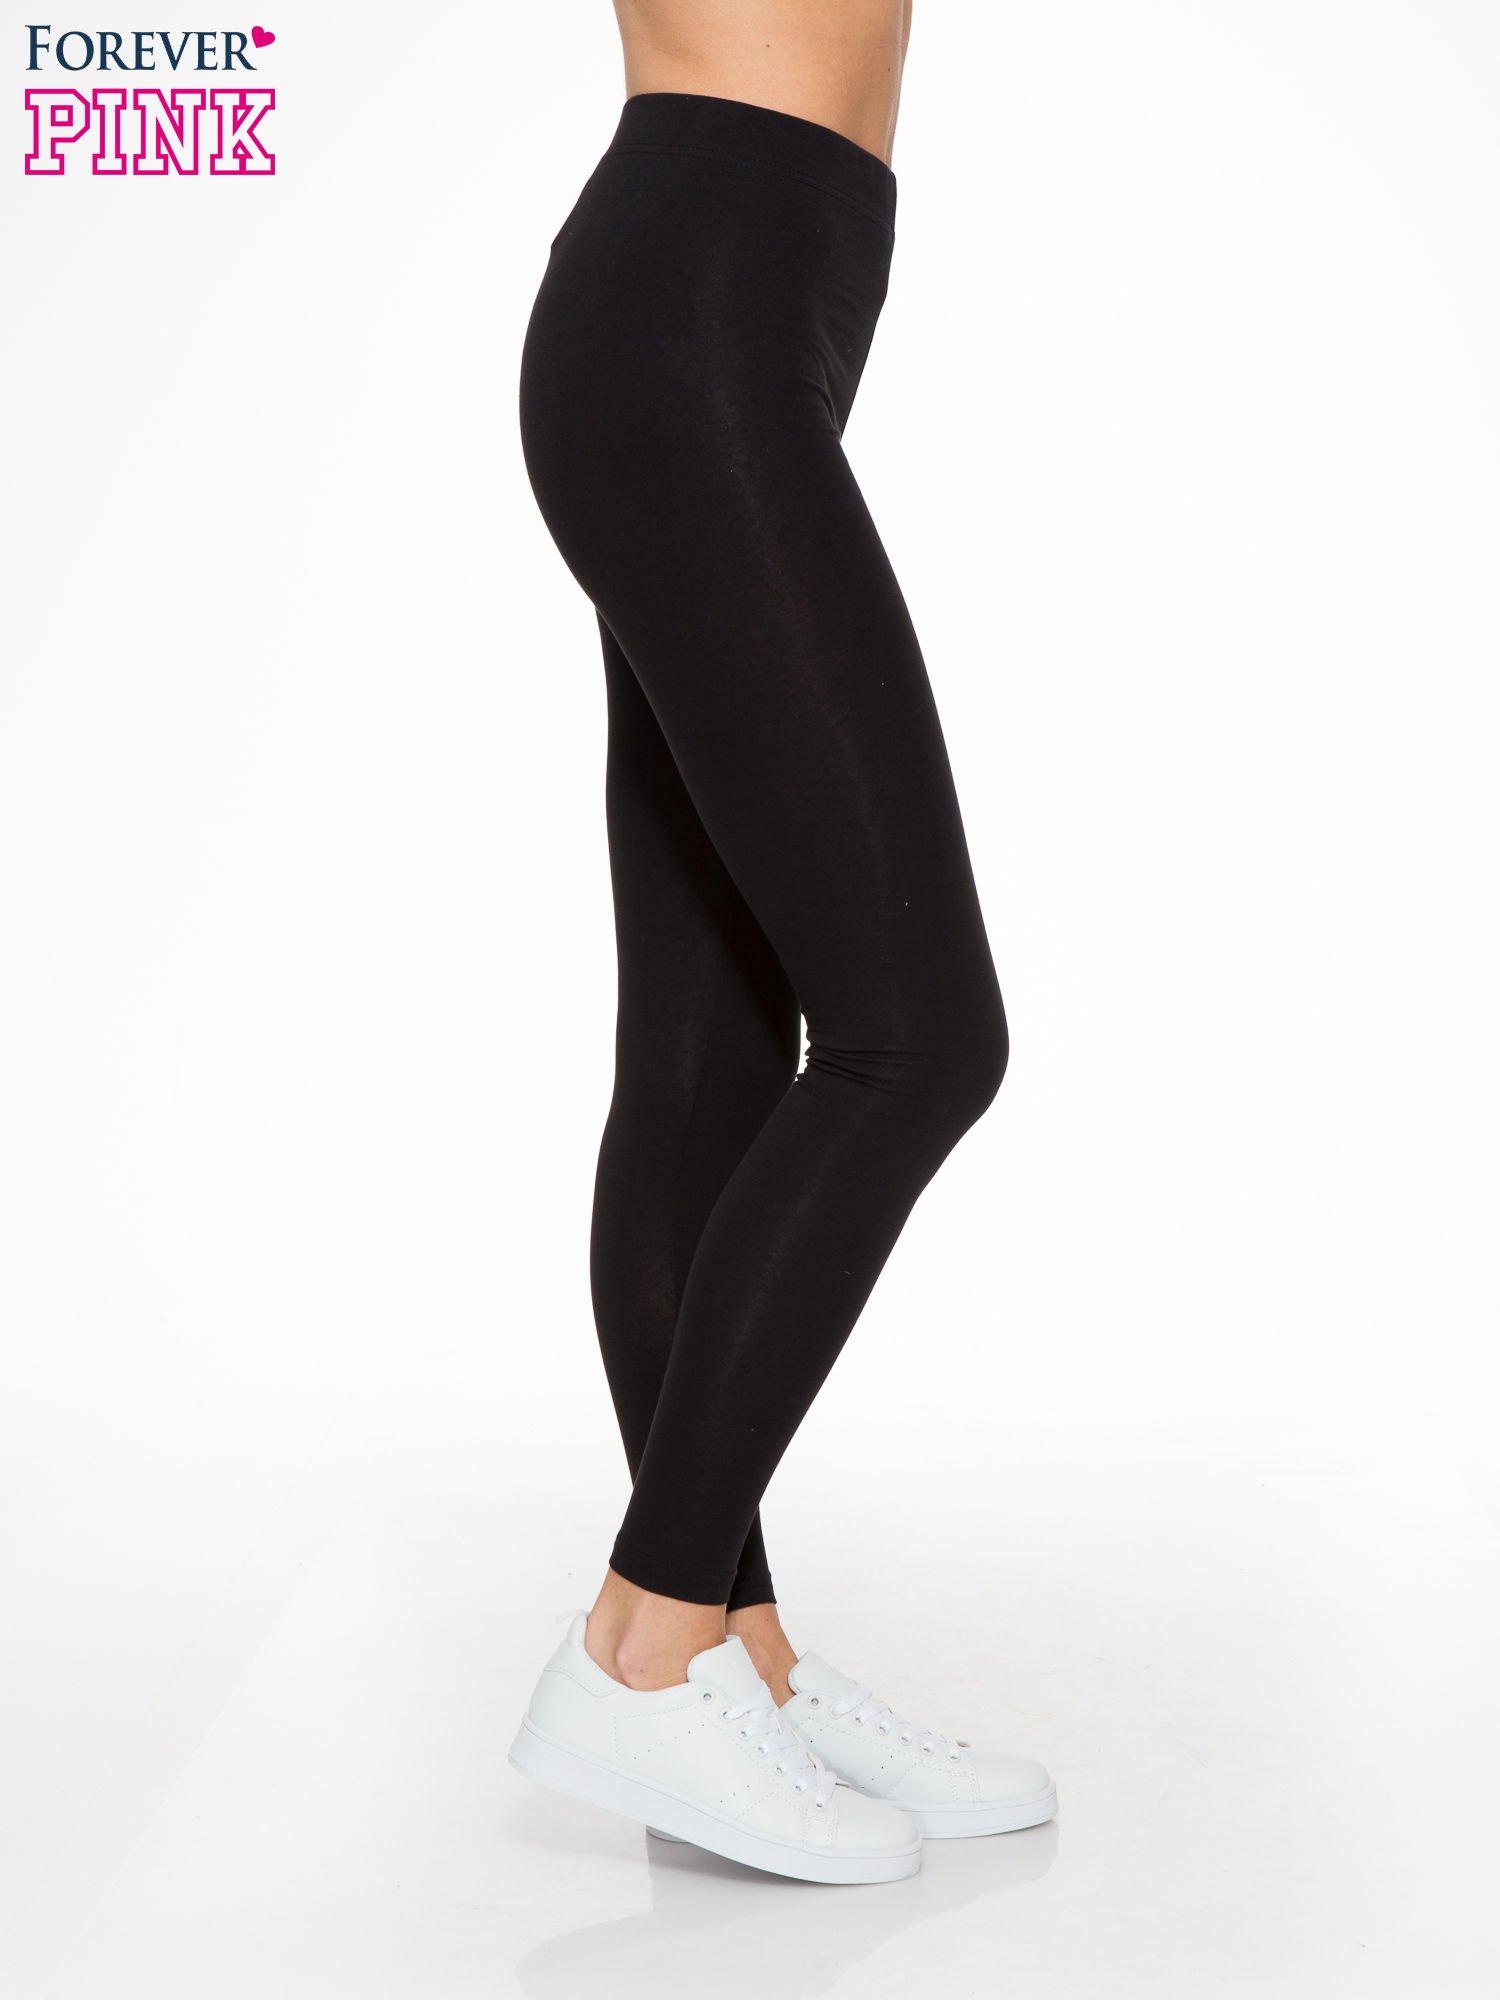 Czarne elastyczne legginsy damskie z bawełny                                  zdj.                                  3